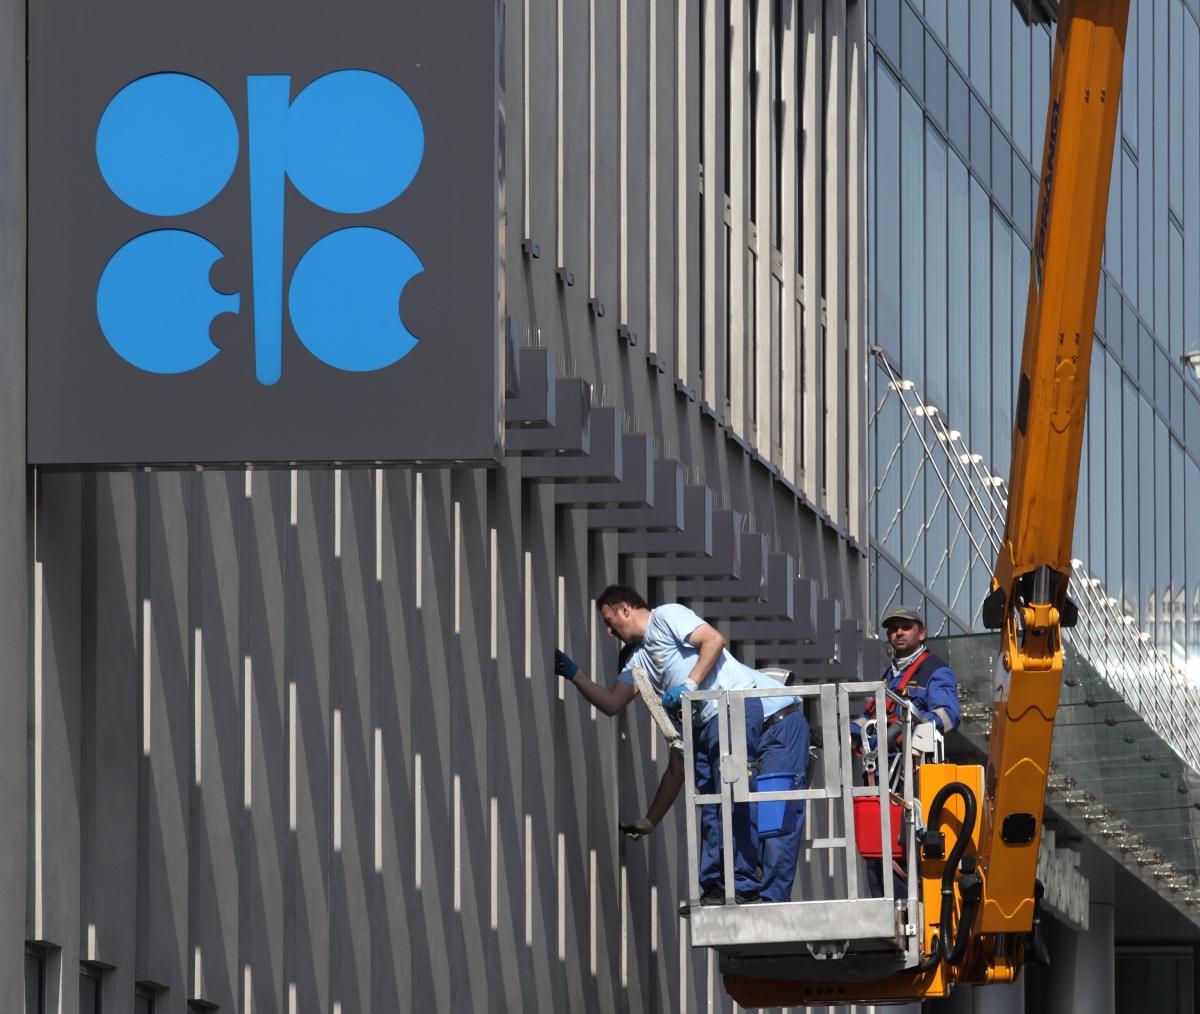 OPEC Vienna